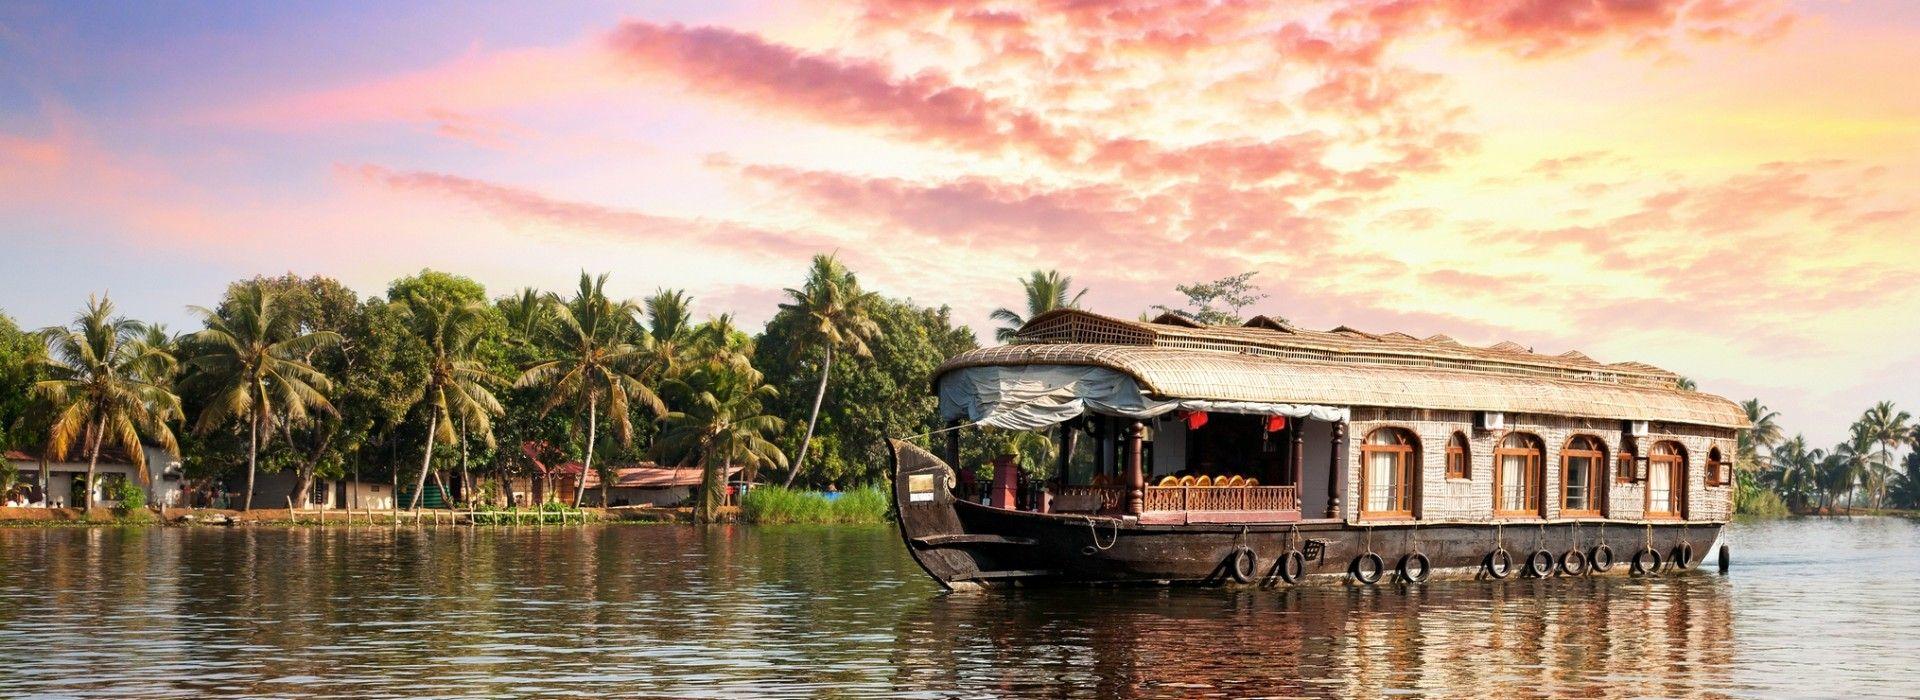 Kerala tours and trips to Kerala